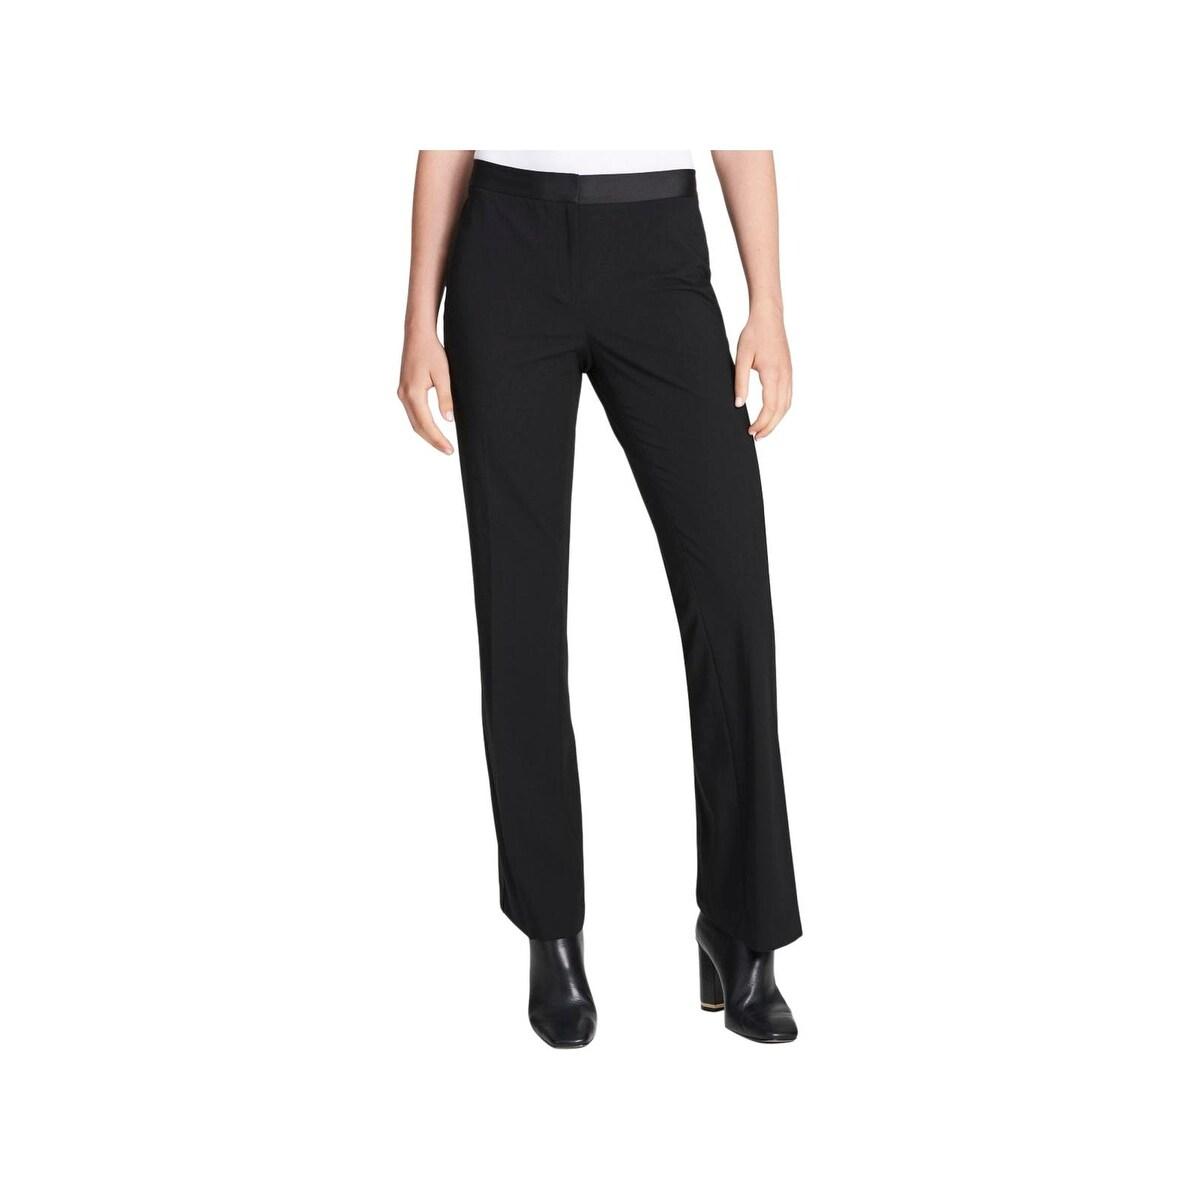 f4e25257407 Calvin Klein Ladies Dress Pants